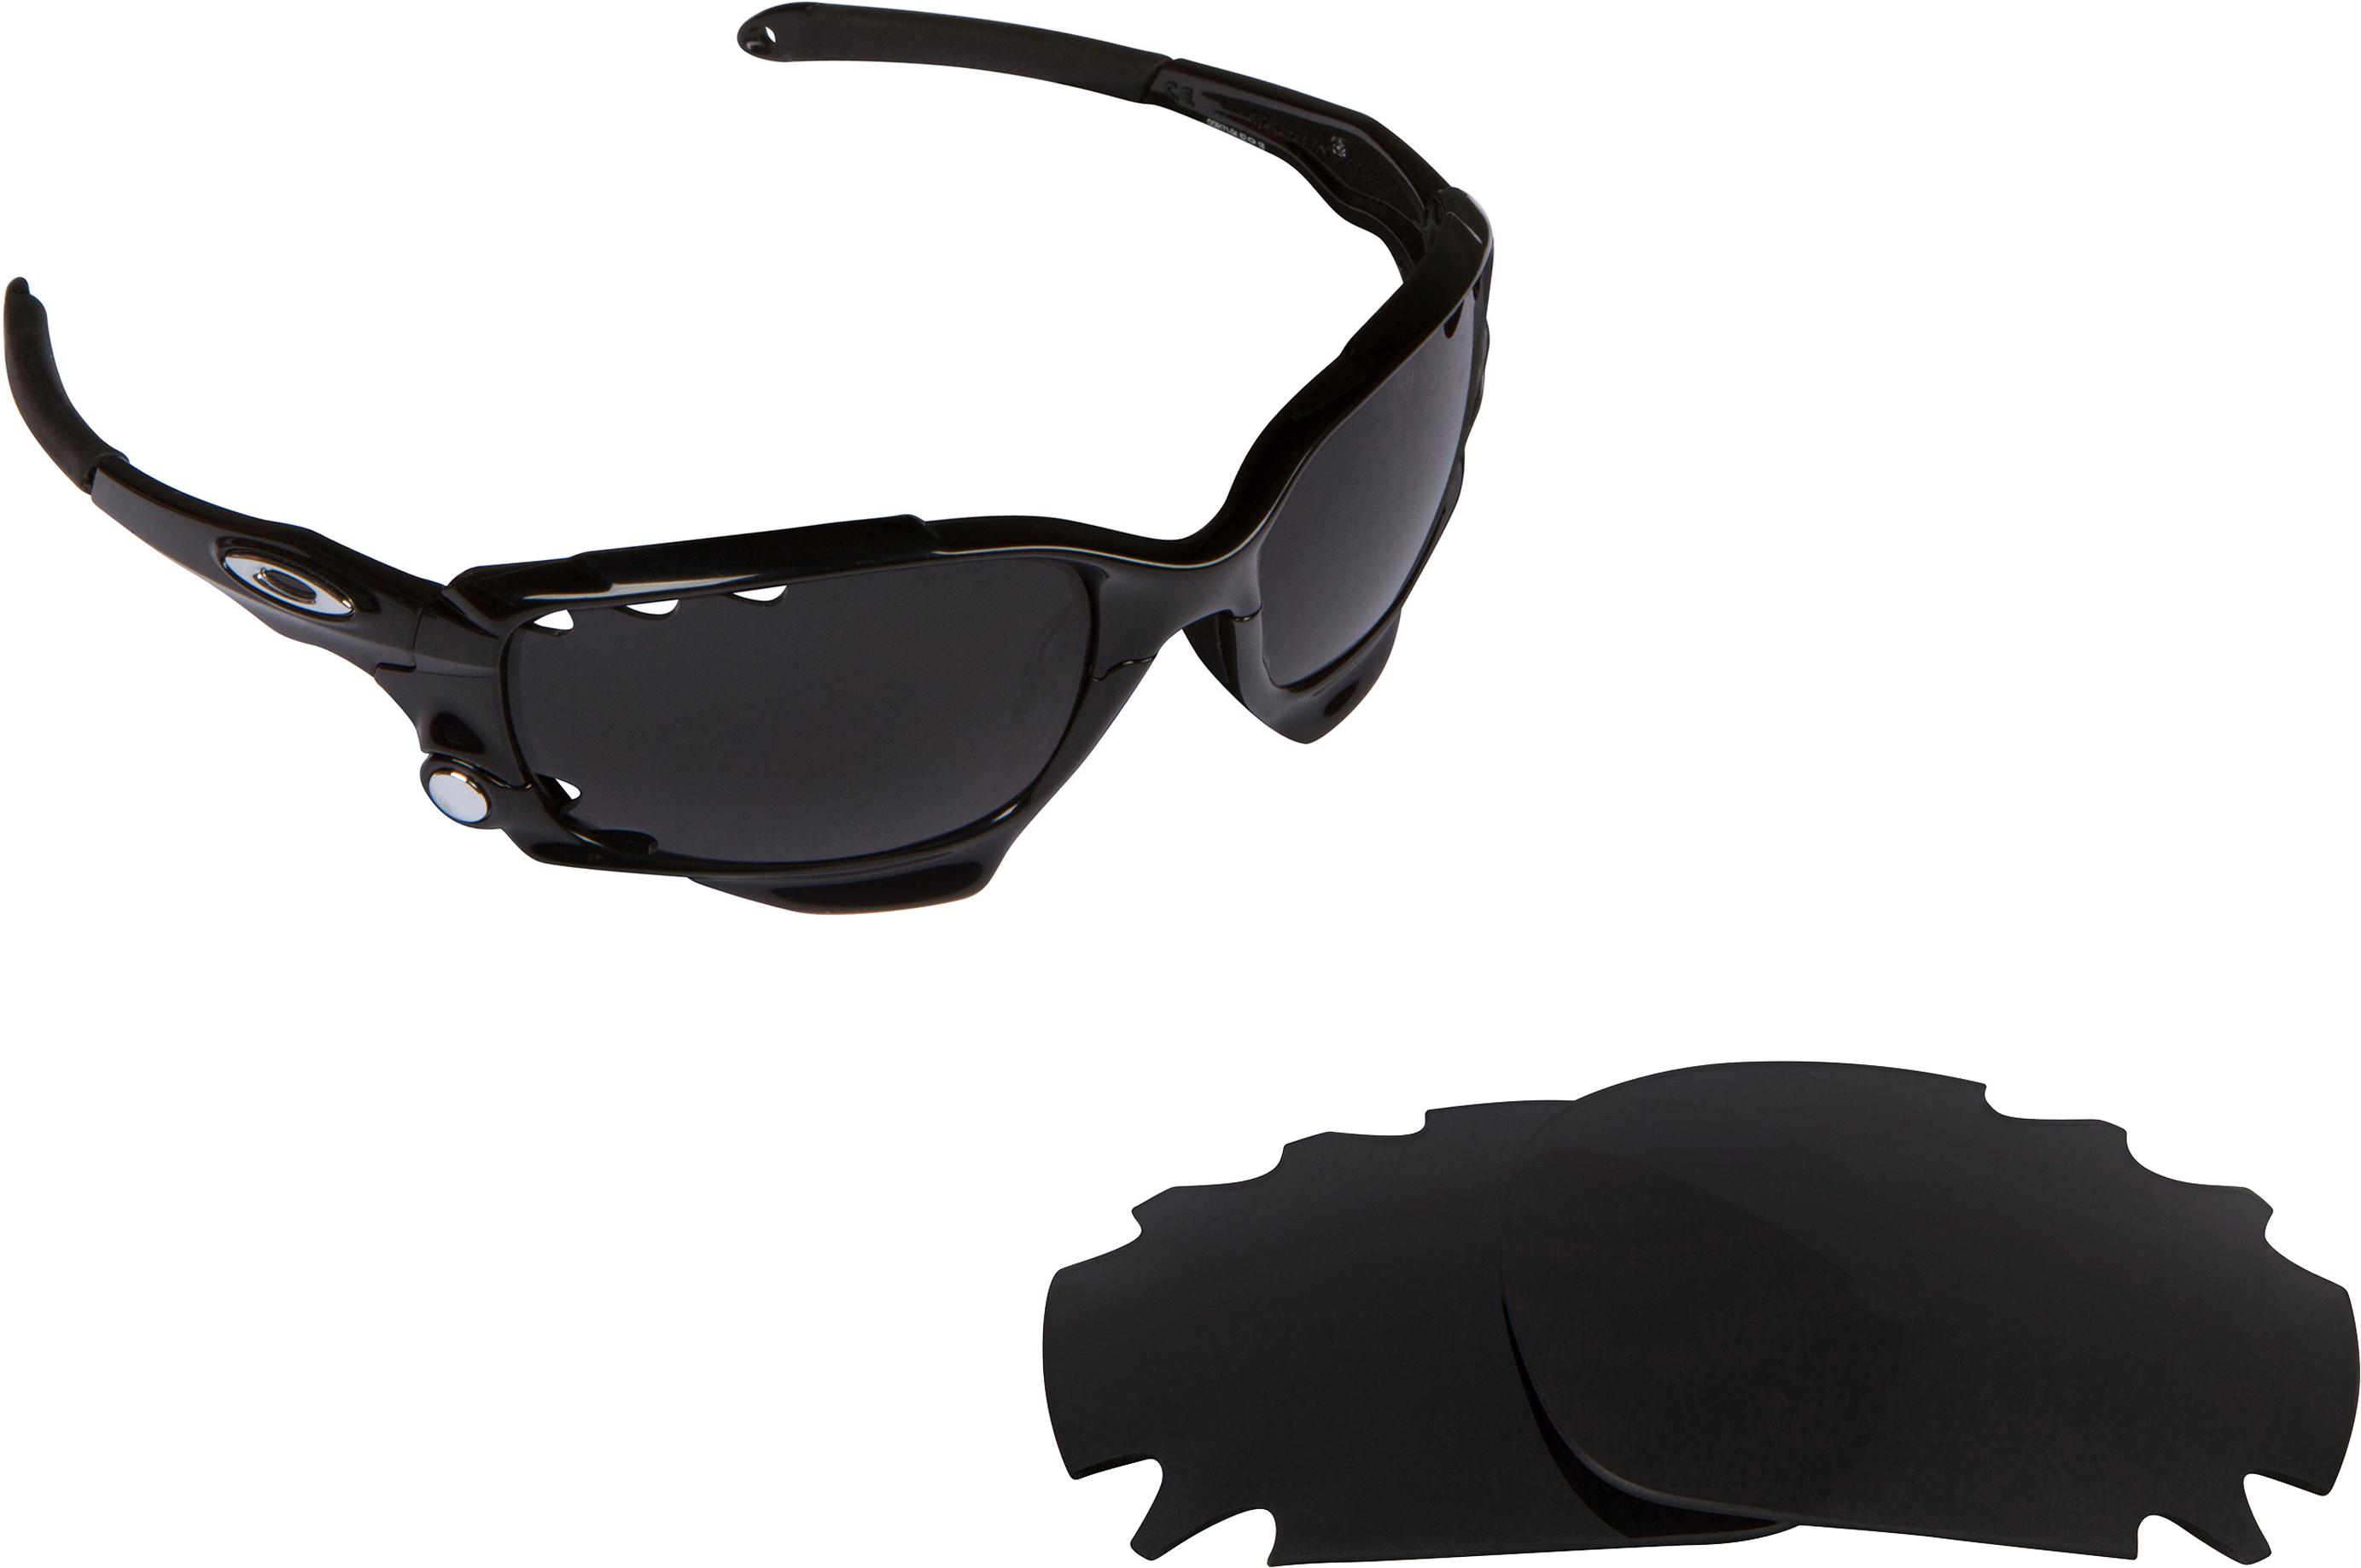 oakley flak jacket black iridium polarized lenses  oakley vented racing